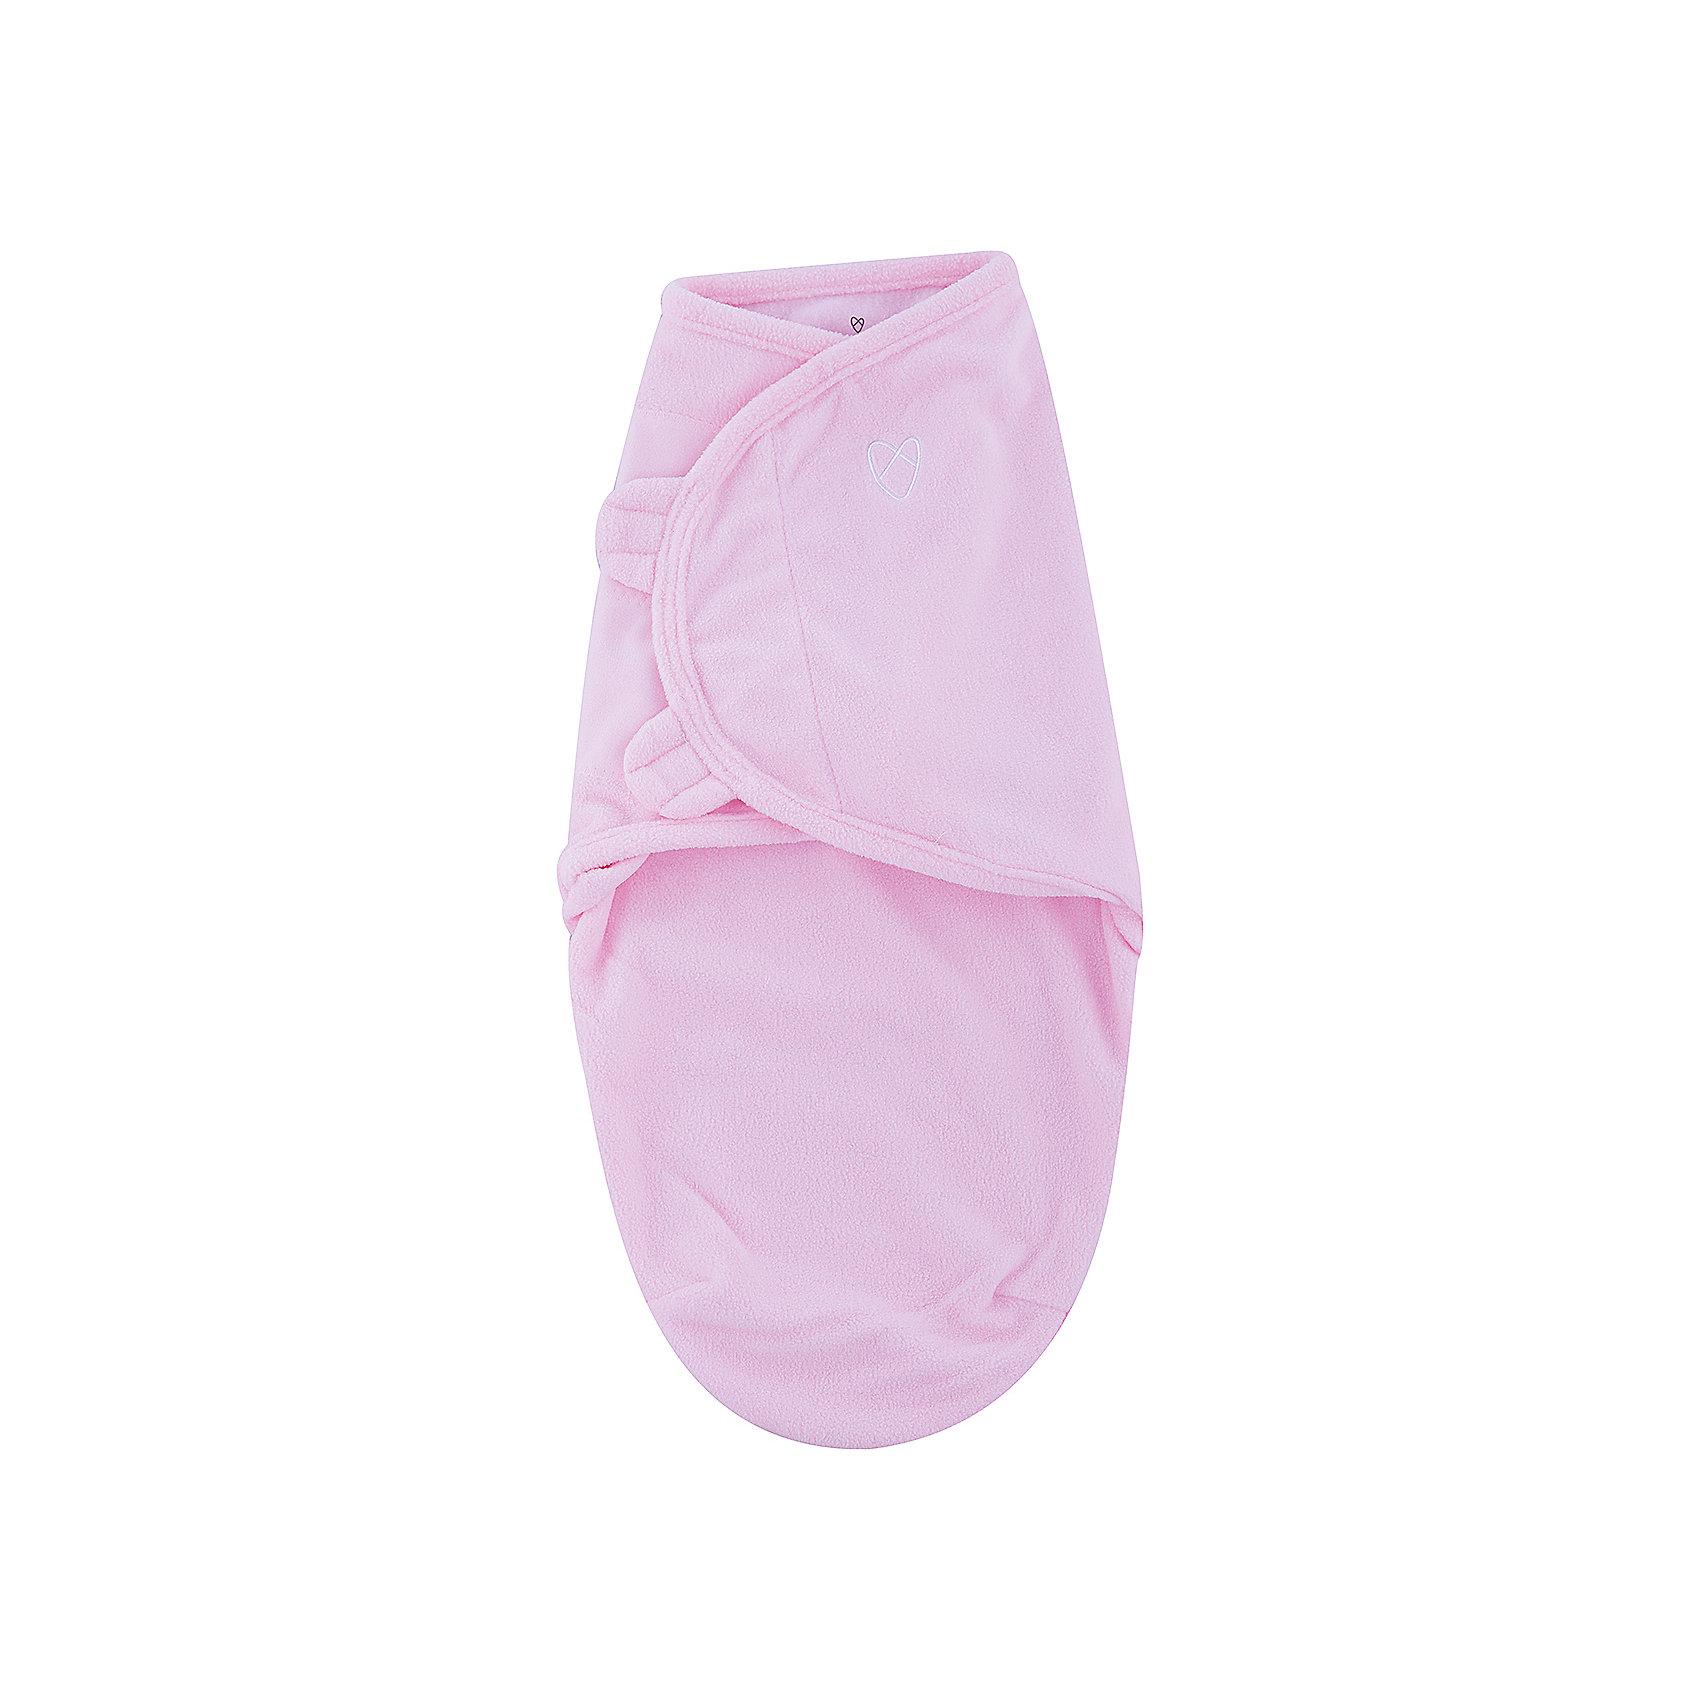 Конверт утепленный SwaddleMe Microfleece, размер S/M, Summer Infant, розовыйПеленание<br>Характеристики конверта Swaddleme: <br><br>• конверт-мешок для детей первого года жизни;<br>• не сковывает движения ребенка;<br>• снижает рефлекс вздрагивания;<br>• конверт оснащен крыльями, малыш не сможет «освободиться» во время движений ручками;<br>• объятия крыльев регулируются по мере роста ребенка;<br>• тип застежки: липучки;<br>• отверстие в области ног ребенка для смены подгузника;<br>• размер конверта: S/M;<br>• длина конверта: 55 см;<br>• рост ребенка: 56-62 см;<br>• вес ребенка: 3-6 кг;<br>• возраст ребенка: от рождения до 3-х месяцев;<br>• состав ткани: 100% хлопок.<br><br>Конверт-мешок на липучке позволяет деткам первого года жизни вести себя спокойнее во сне, снижает рефлекс вздрагивания, при этом конверт не сковывает движений ребенка. Ручки обтянуты мягкими эластичными «крыльями» конверта, а ножками ребенок может легко теребить. Регулируемые объятия крыльев дают возможность подгонять размер конверта в зависимости от его роста и веса. Отверстие конверта в области ножек малыша дает возможность контролировать наполненность подгузника, чтобы осуществить своевременную его замену. <br><br>Размер упаковки: 23х14,5х3,5 см<br>Вес: 100 г<br><br>Конверт утепленный SwaddleMe Microfleece, размер S/M, Summer Infant, розовый можно купить в нашем интернет-магазине.<br><br>Ширина мм: 145<br>Глубина мм: 230<br>Высота мм: 35<br>Вес г: 100<br>Возраст от месяцев: 0<br>Возраст до месяцев: 3<br>Пол: Женский<br>Возраст: Детский<br>SKU: 5508018